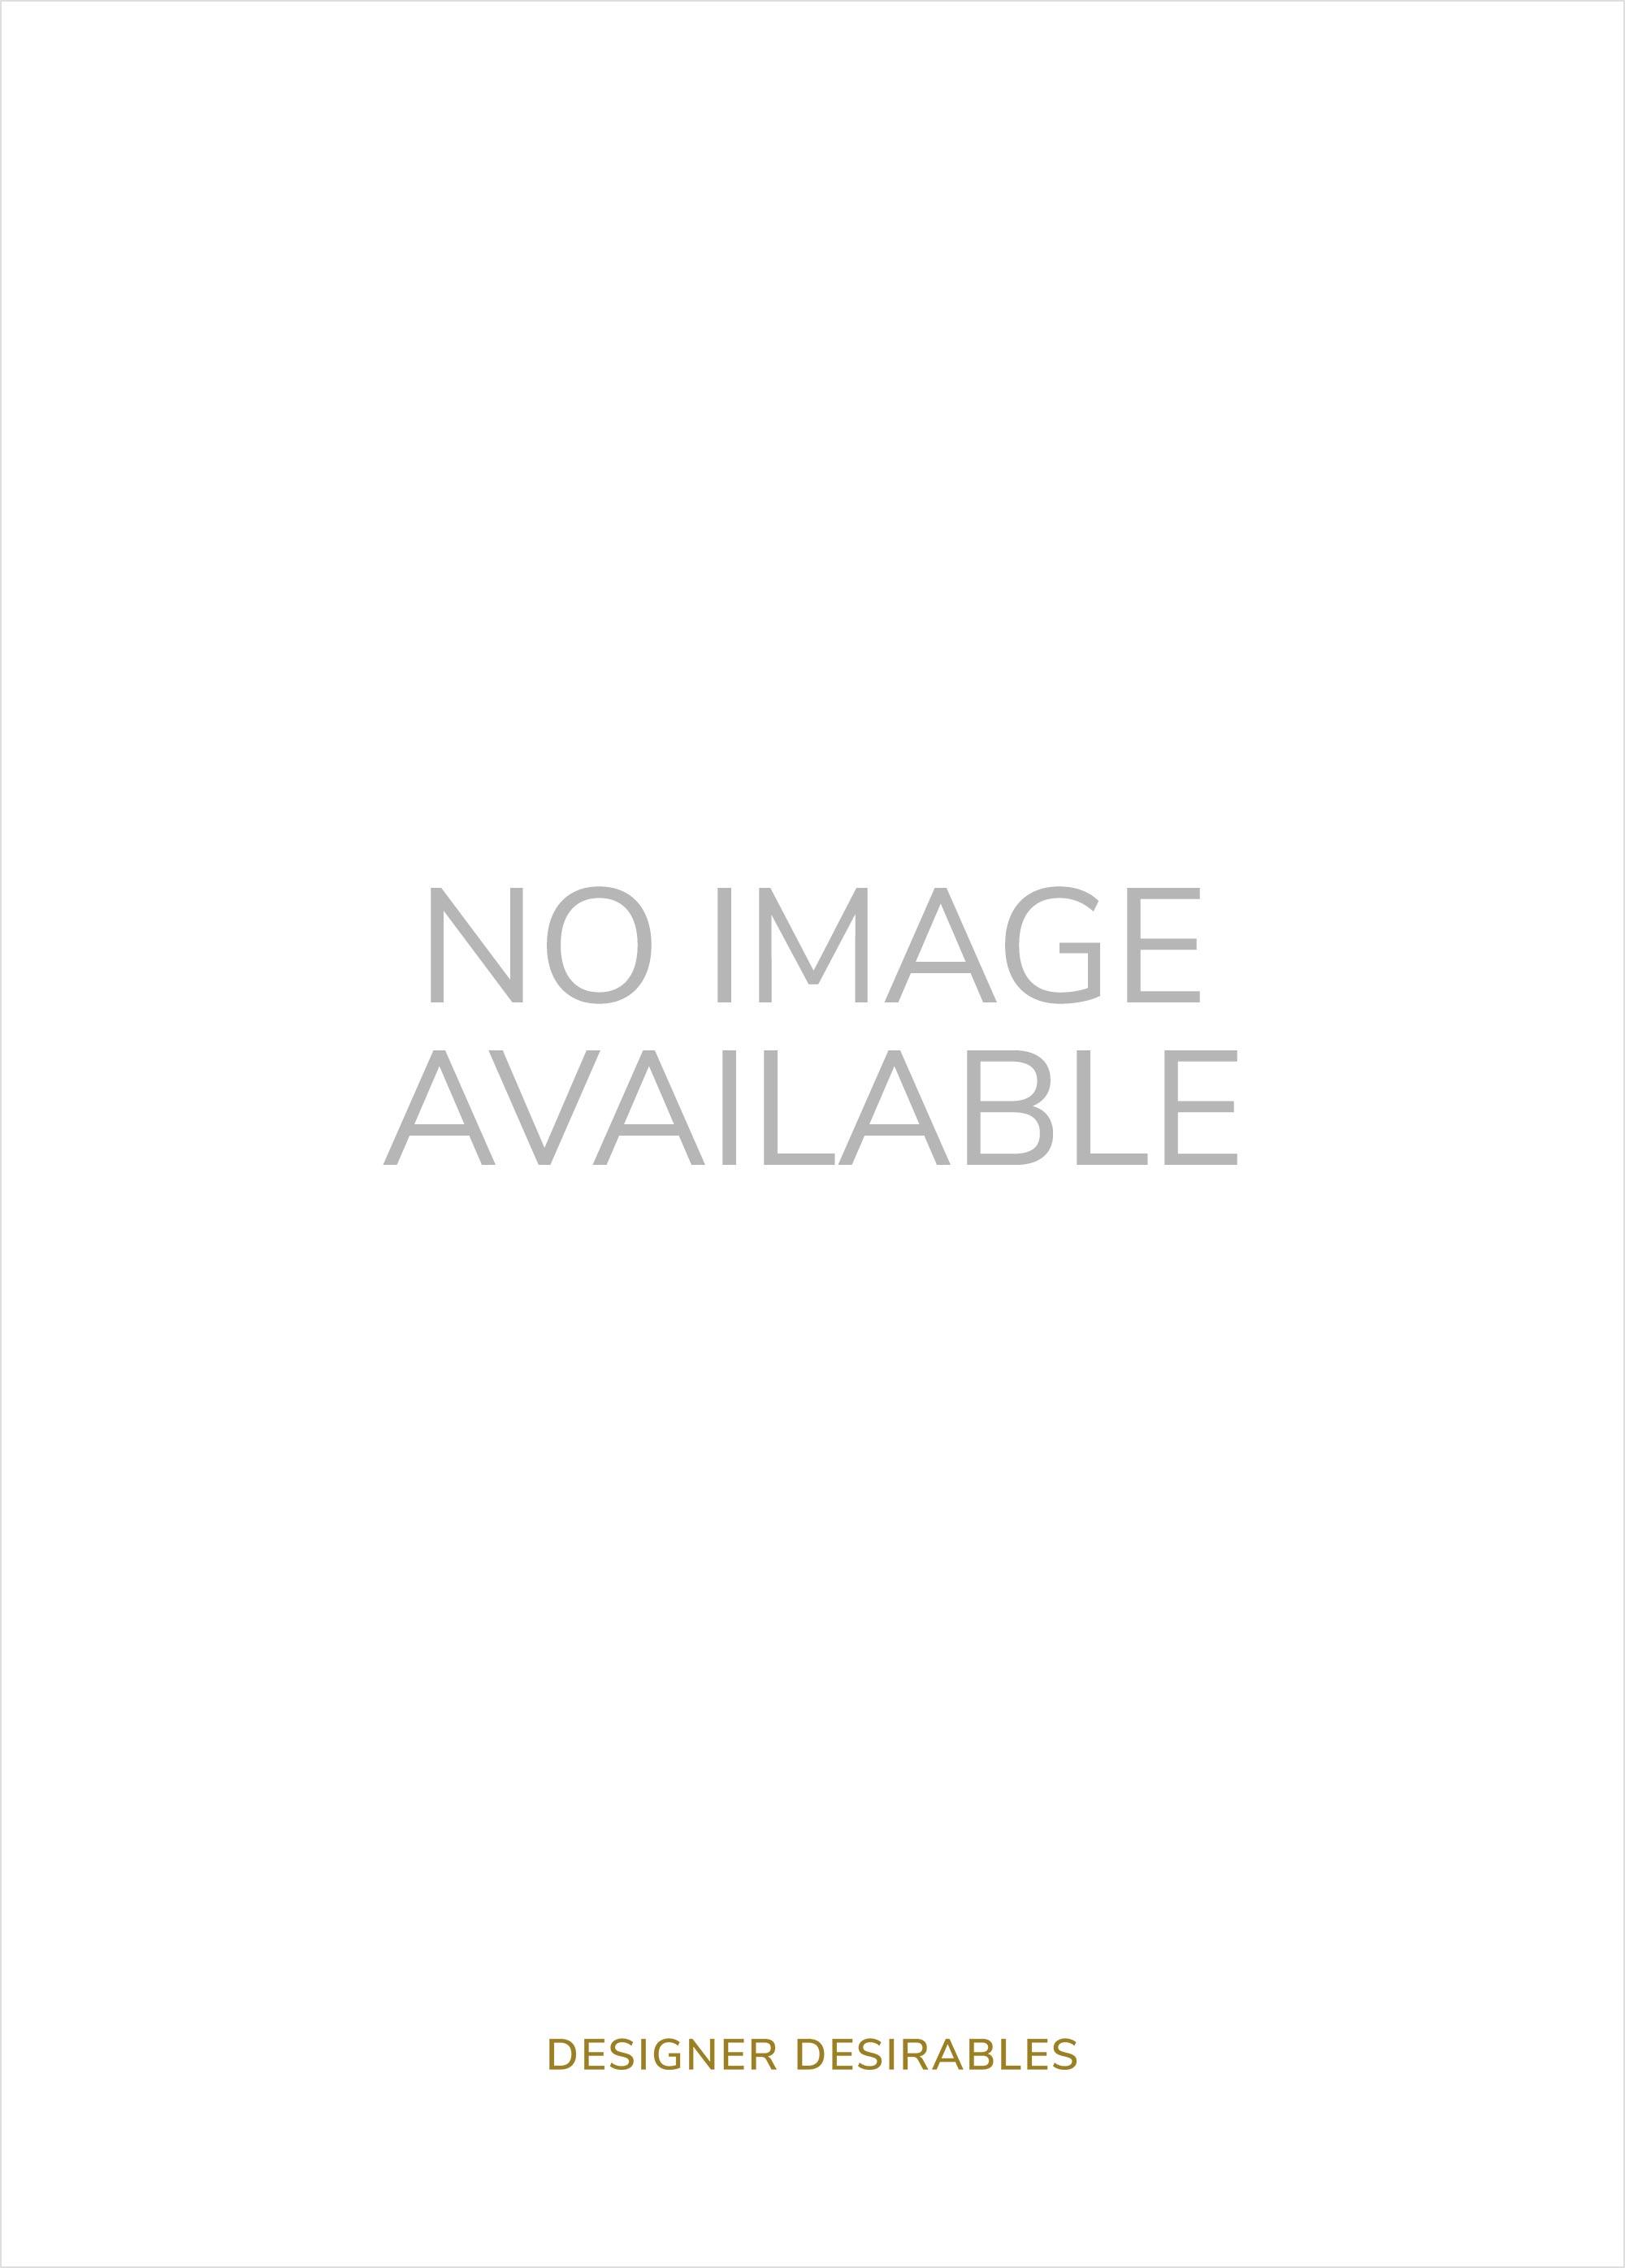 Designer Maxi Dresses - Designer Desirables